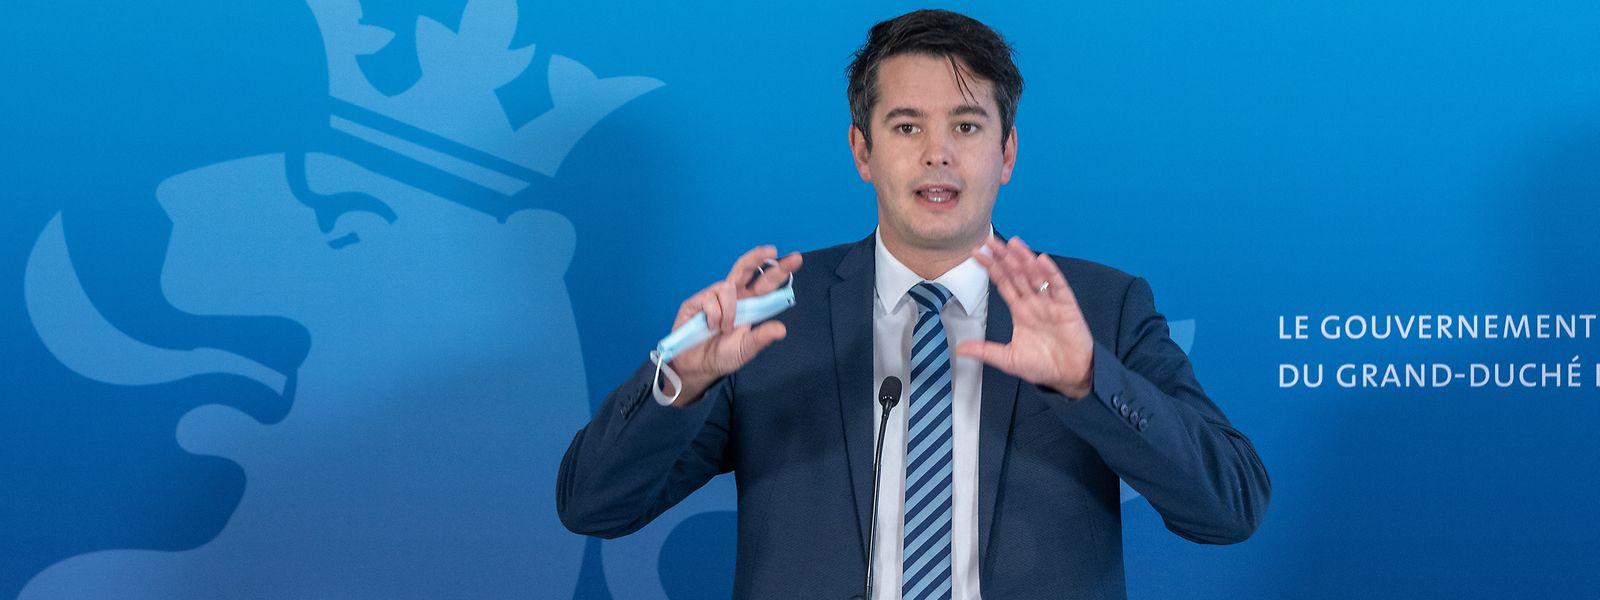 Initialement prévue pour s'arrêter le 31 décembre 2020, la validité des bons de 50 euros valables dans les hôtels, auberges et campings du Luxembourg durera jusqu'au 15 septembre.